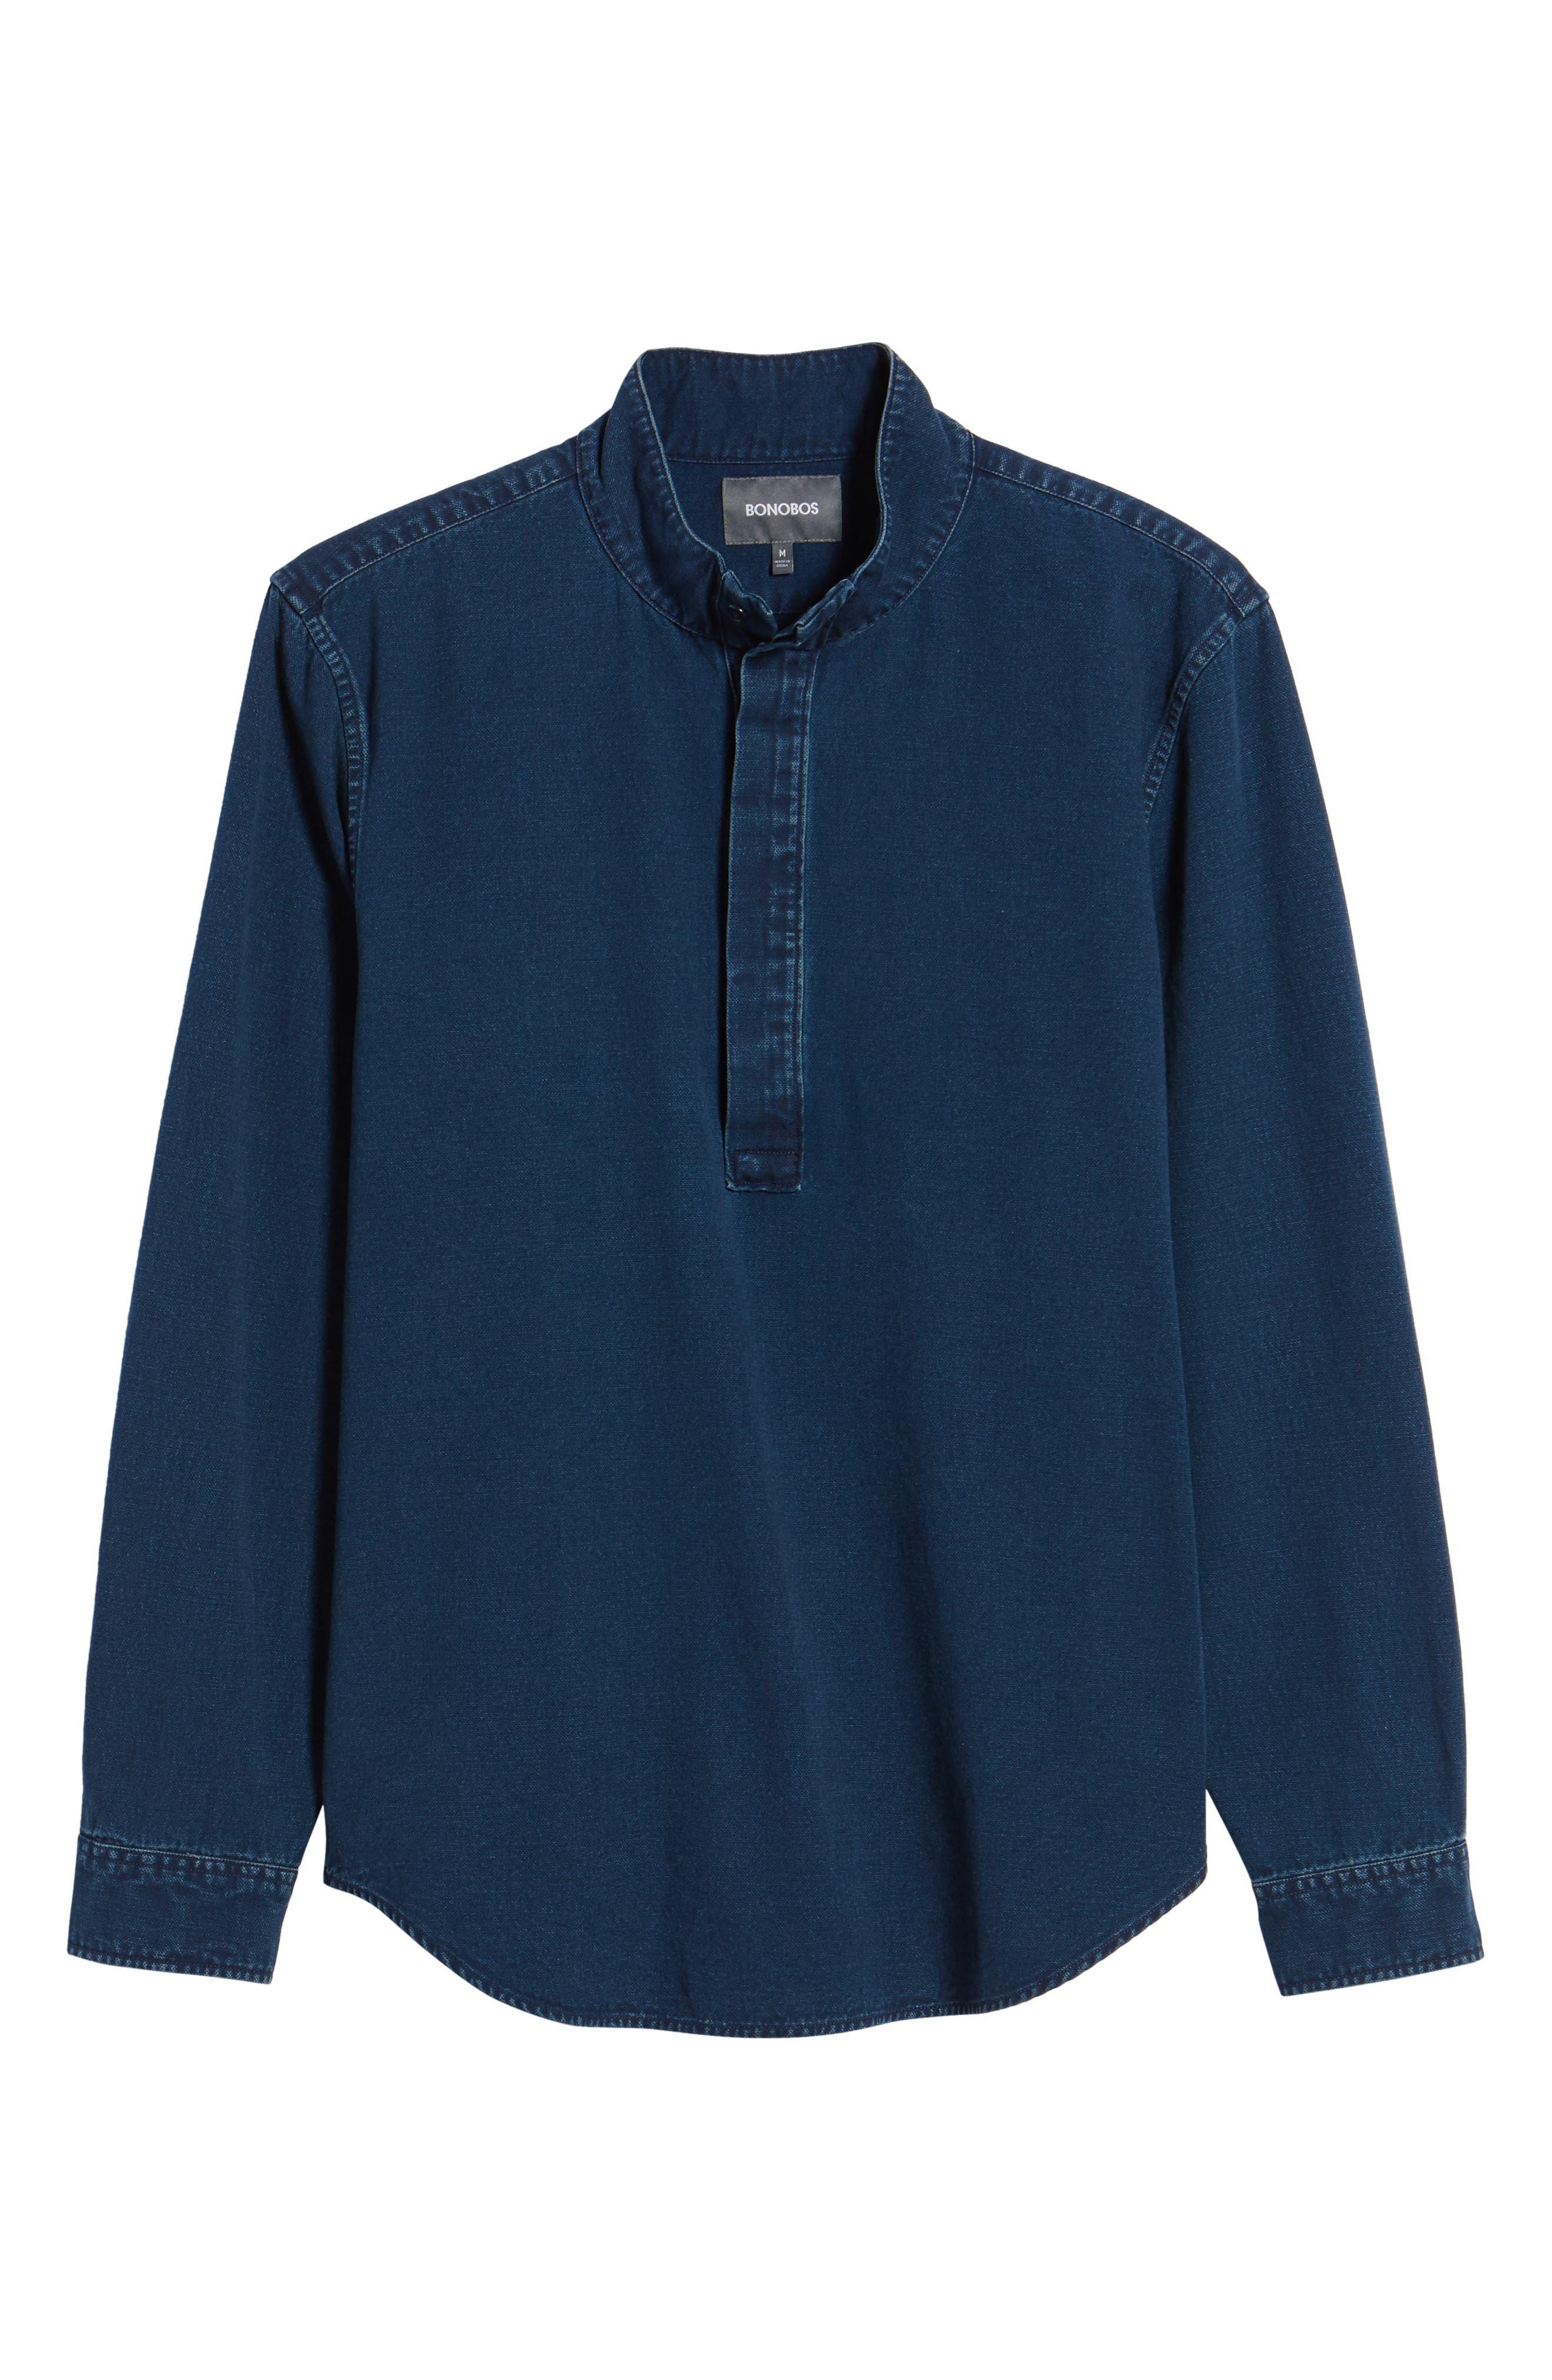 Band Collar Piqué Shirt,                             Alternate thumbnail 6, color,                             Indigo